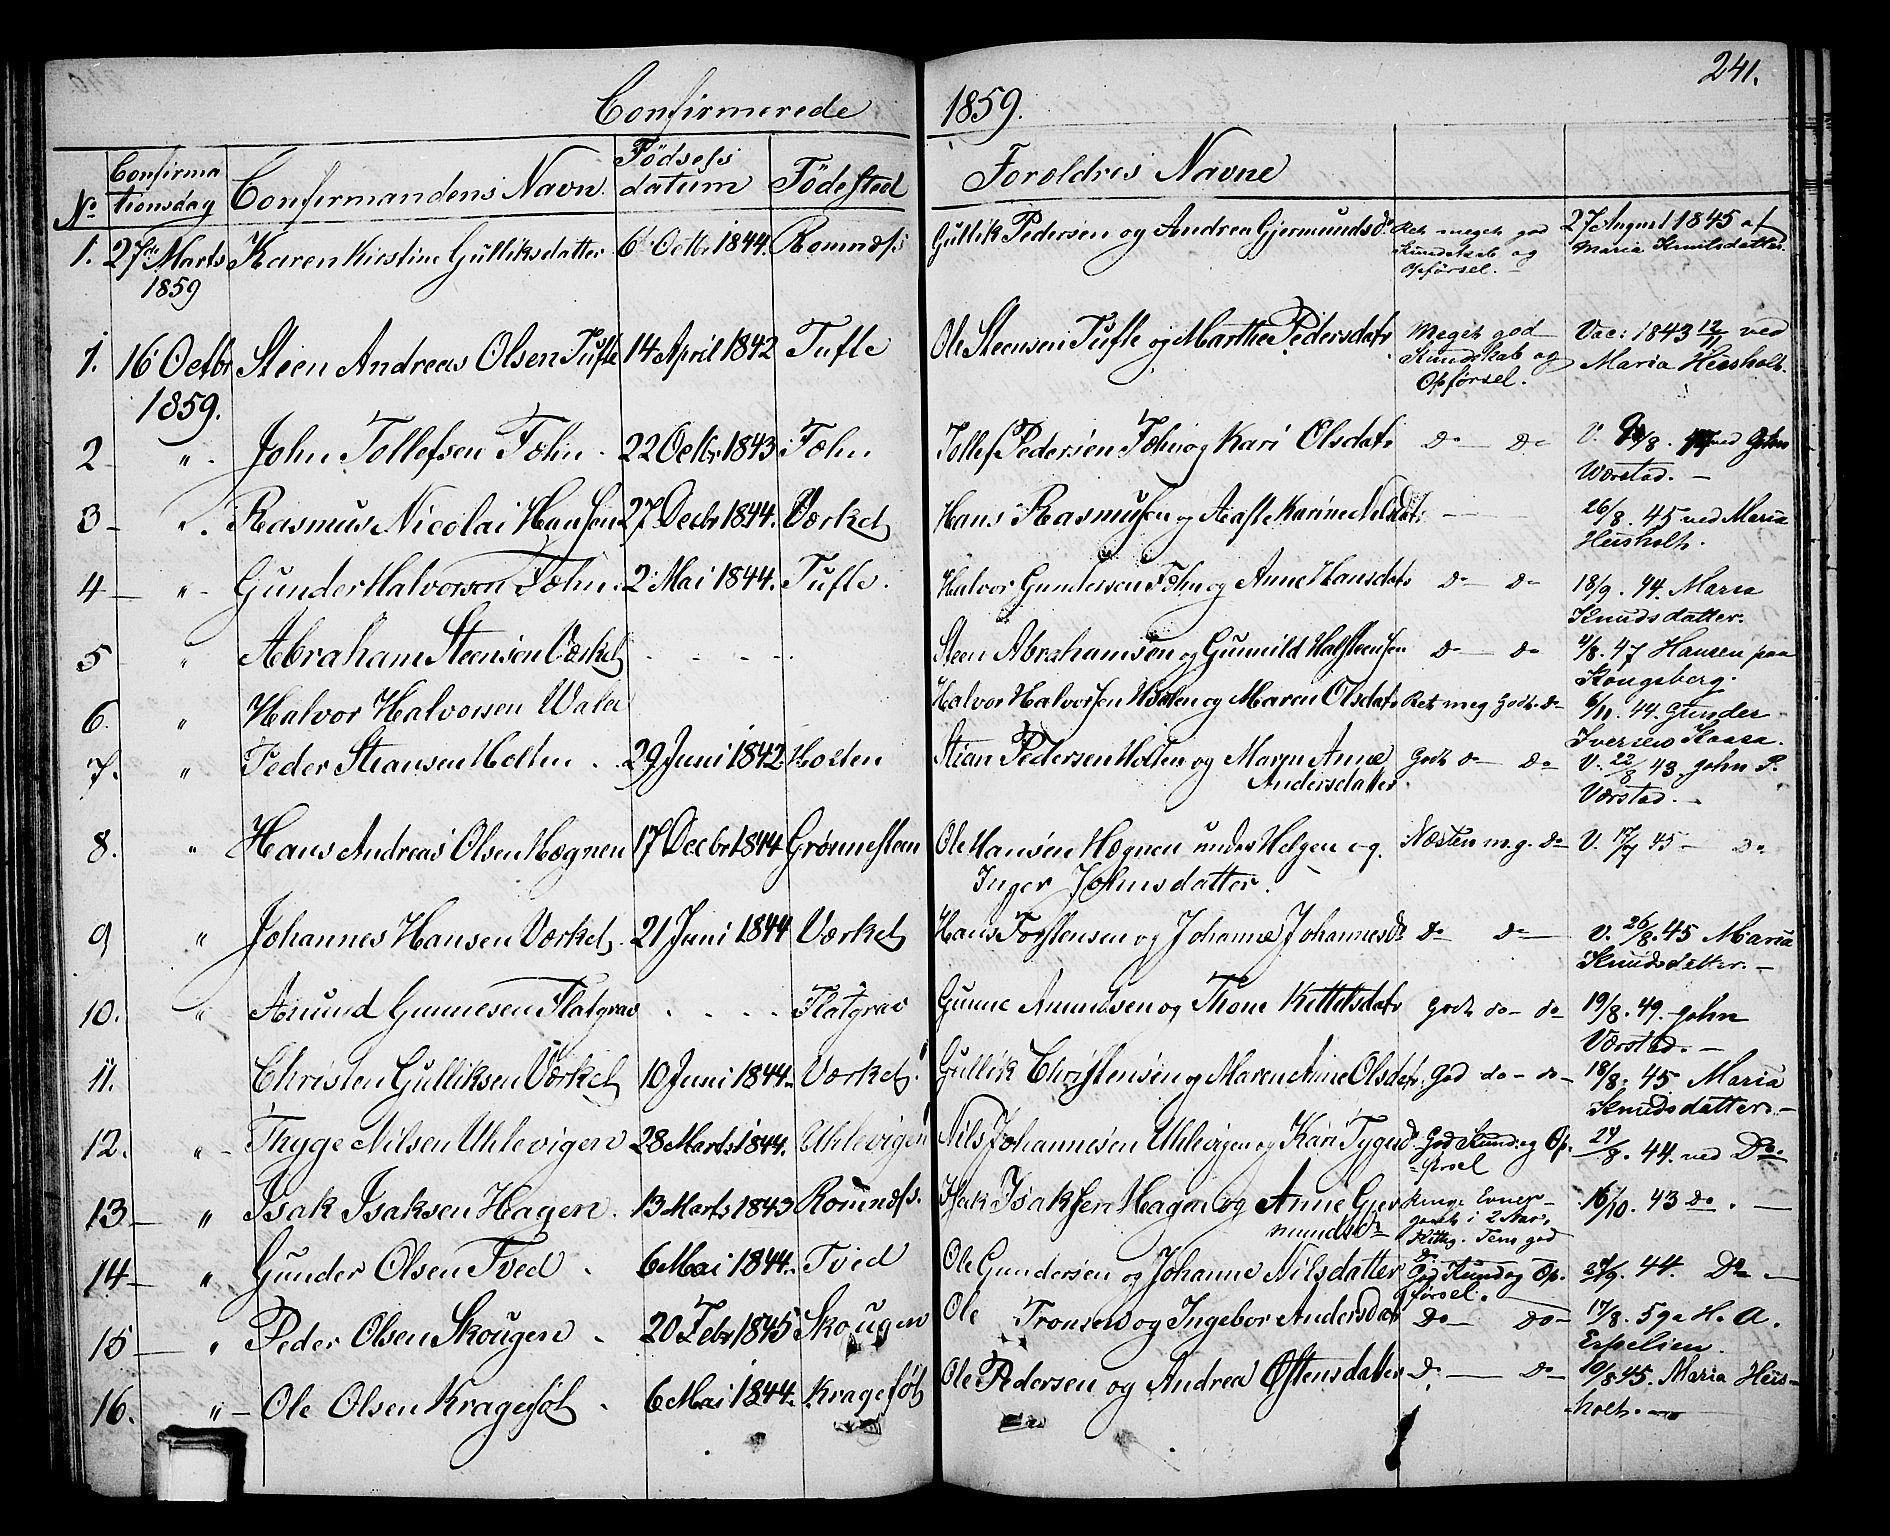 SAKO, Holla kirkebøker, G/Ga/L0003: Klokkerbok nr. I 3, 1849-1866, s. 241